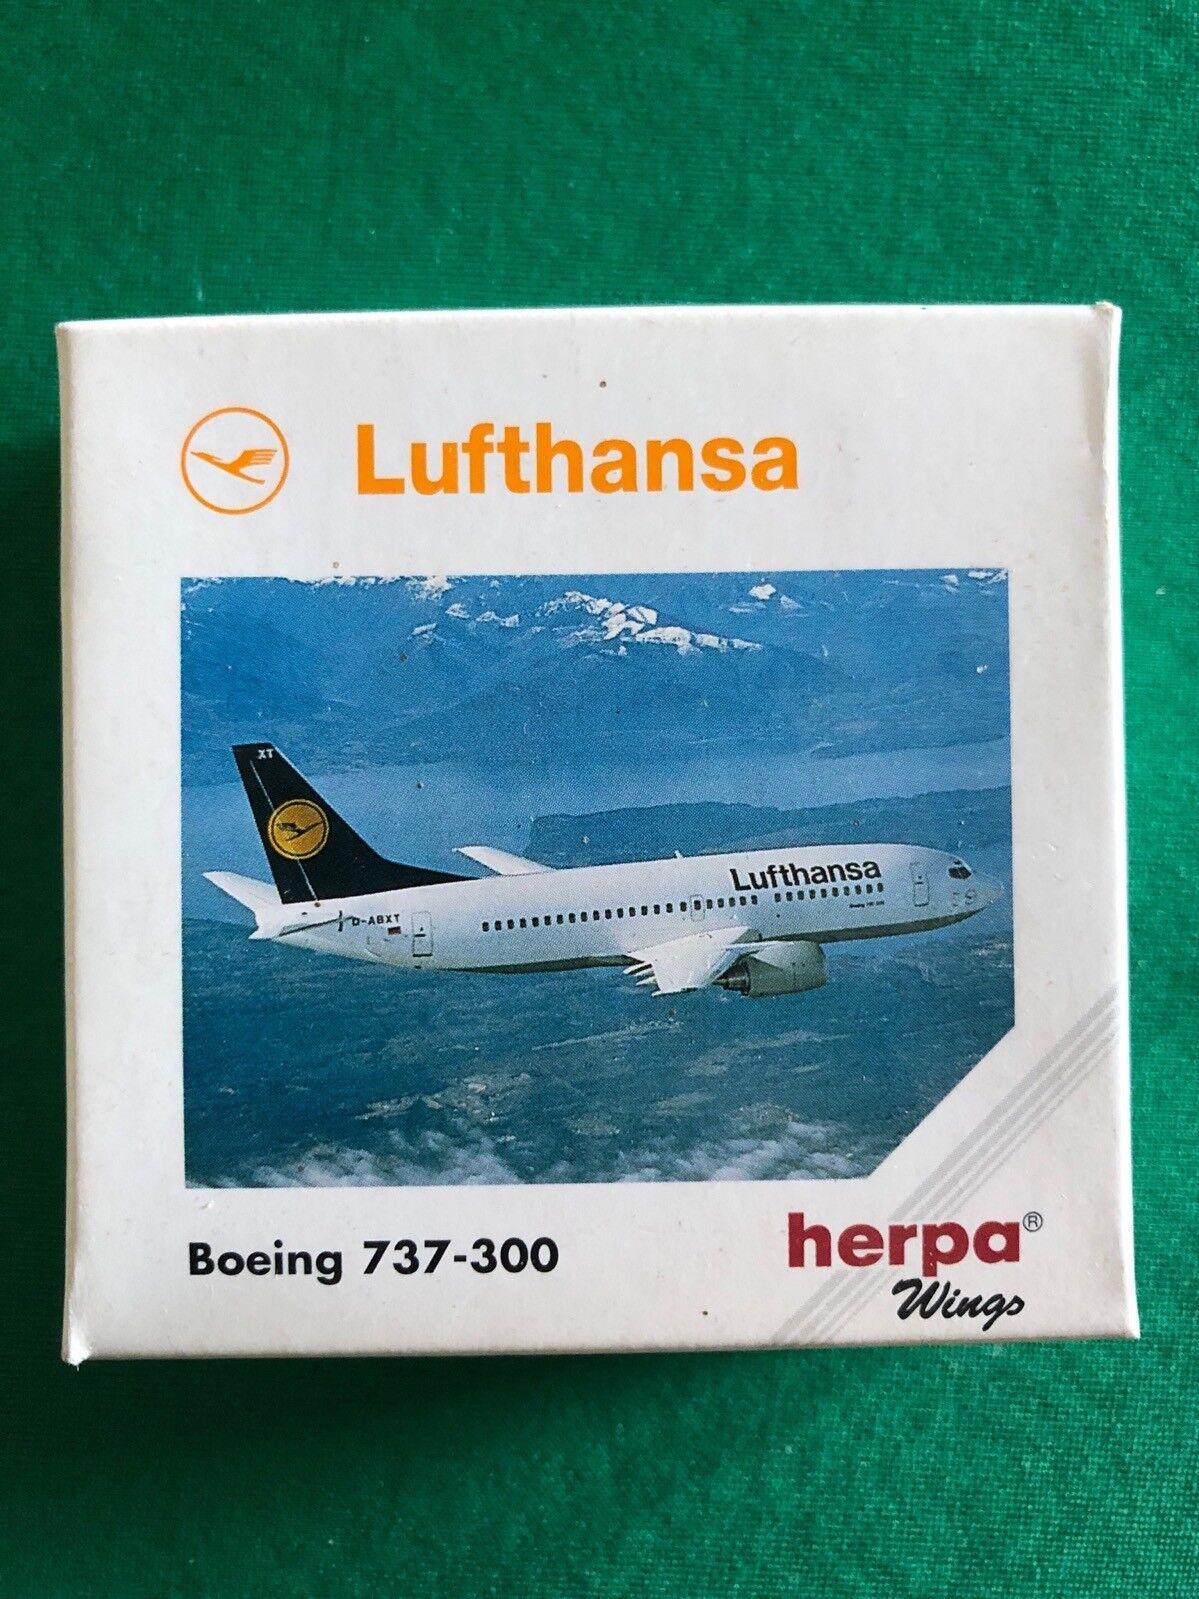 Boeing 737-300 Lufthansa. Herpa Wings 1 500 - Art.-Nr. 515900